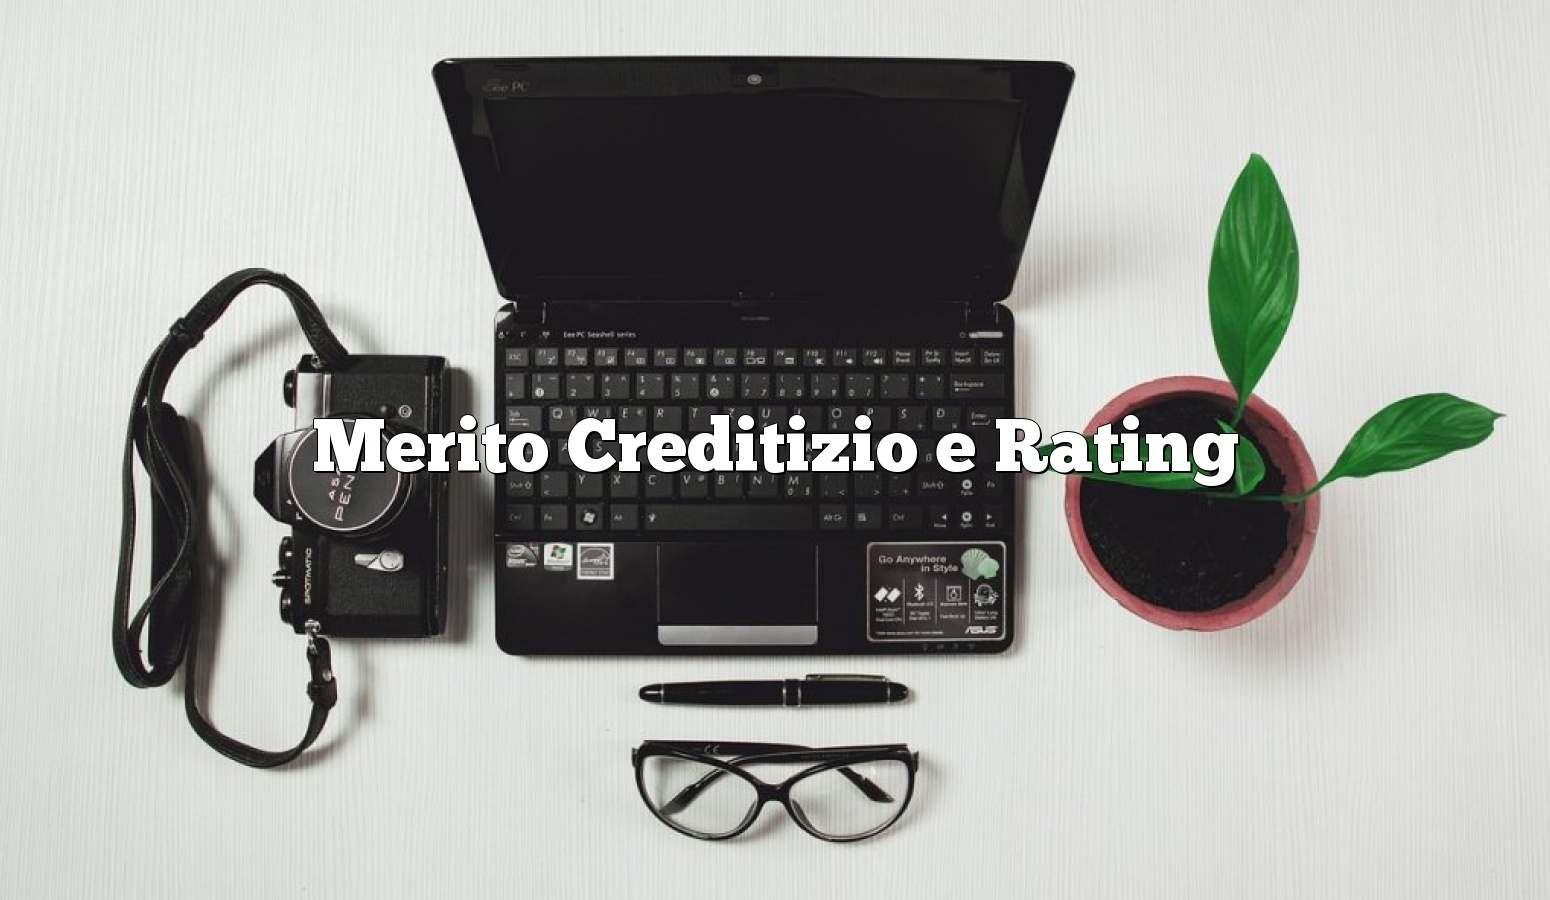 Merito Creditizio e Rating